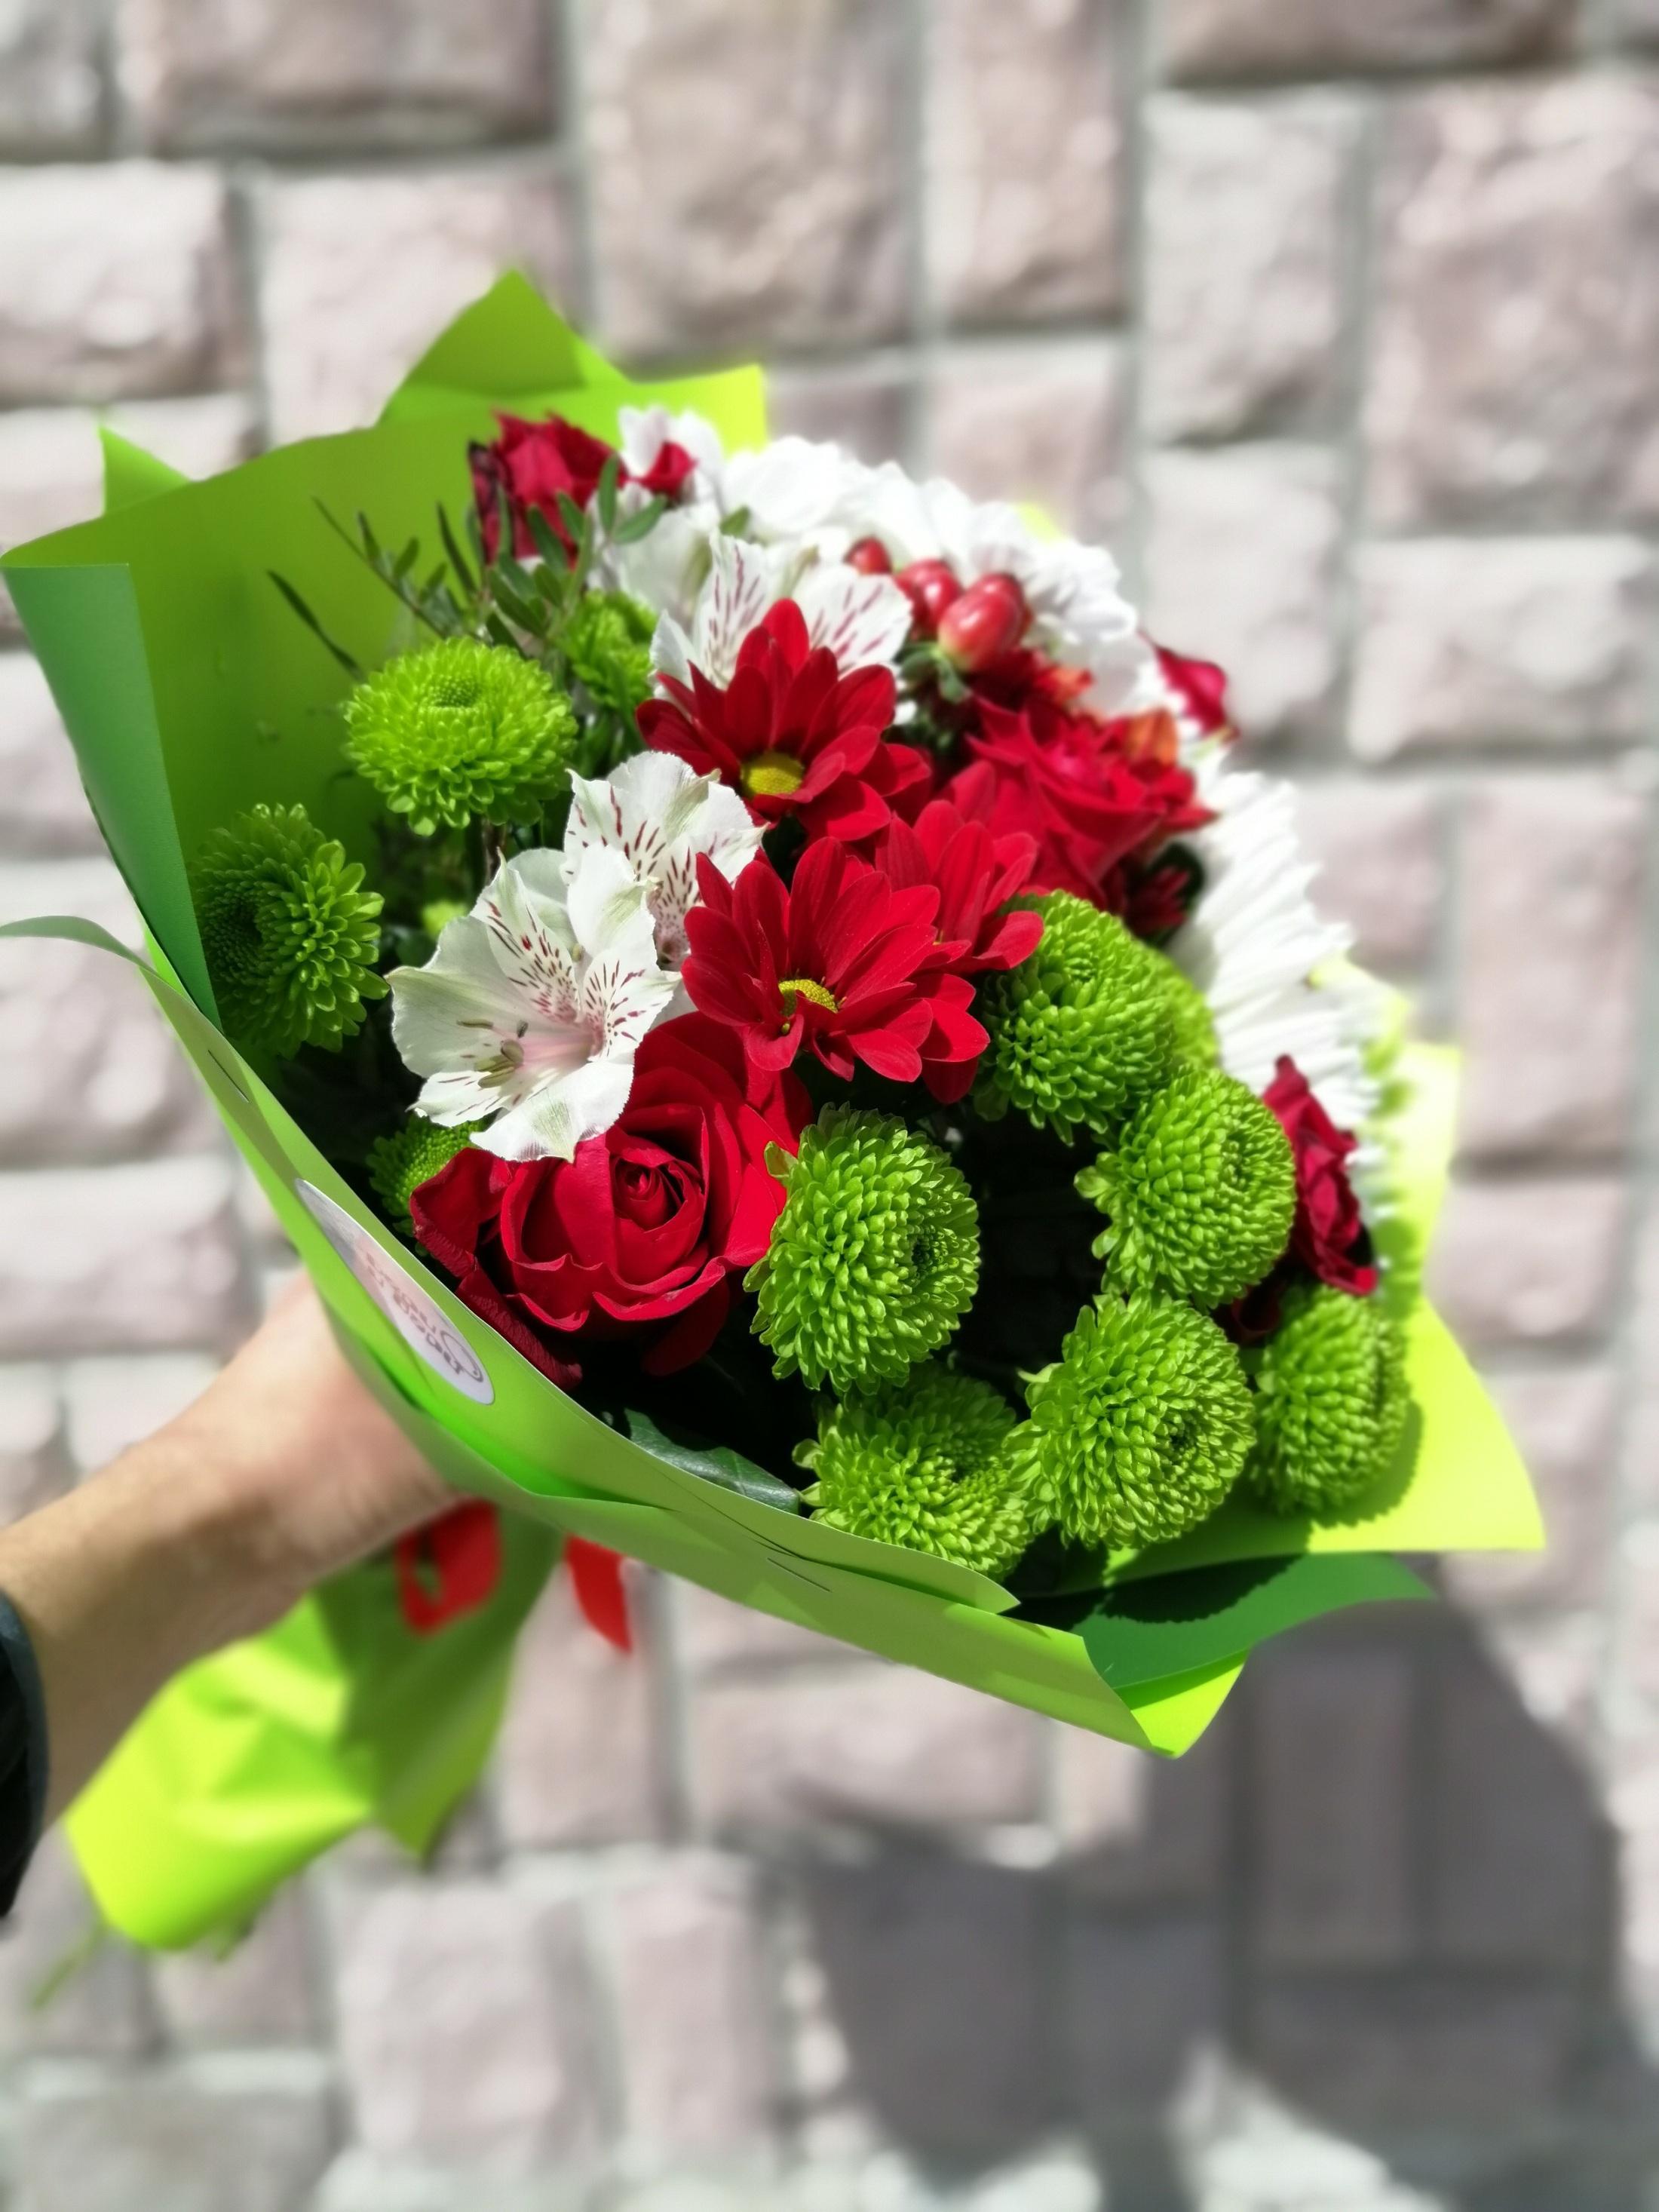 Заказ, доставка цветов минской области